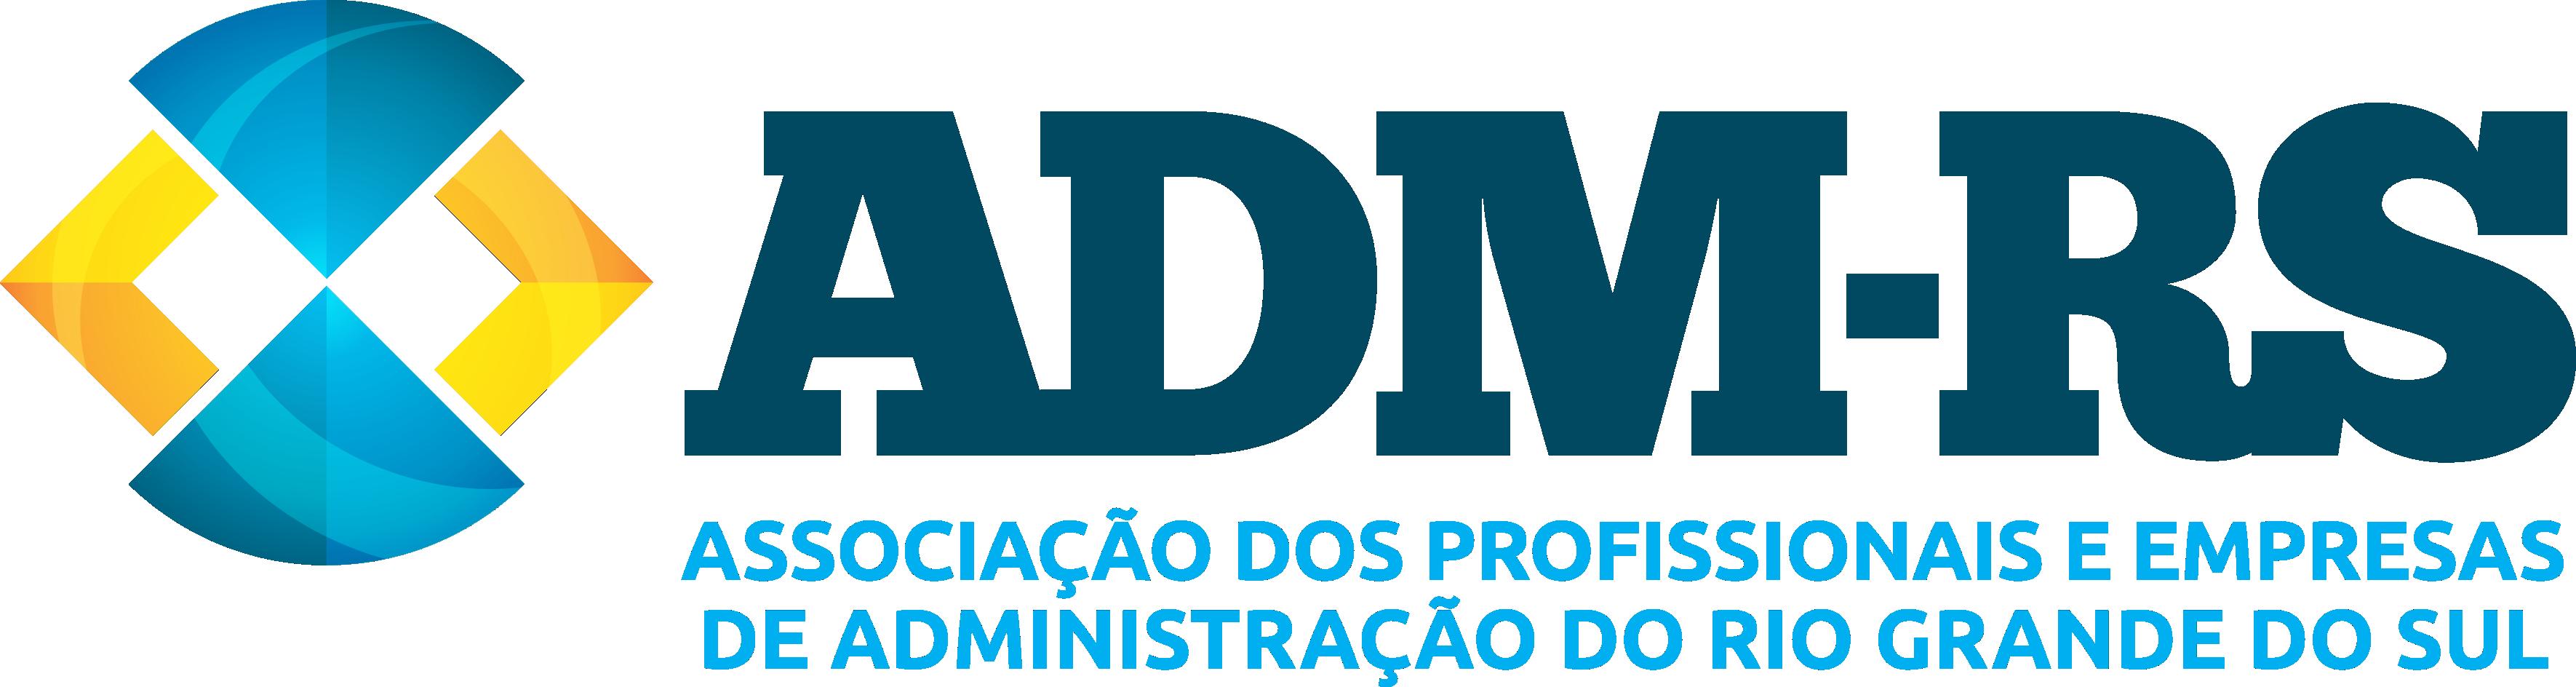 CONVOCAÇÃO DE ASSEMBLÉIA GERAL ORDINÁRIA - 2018